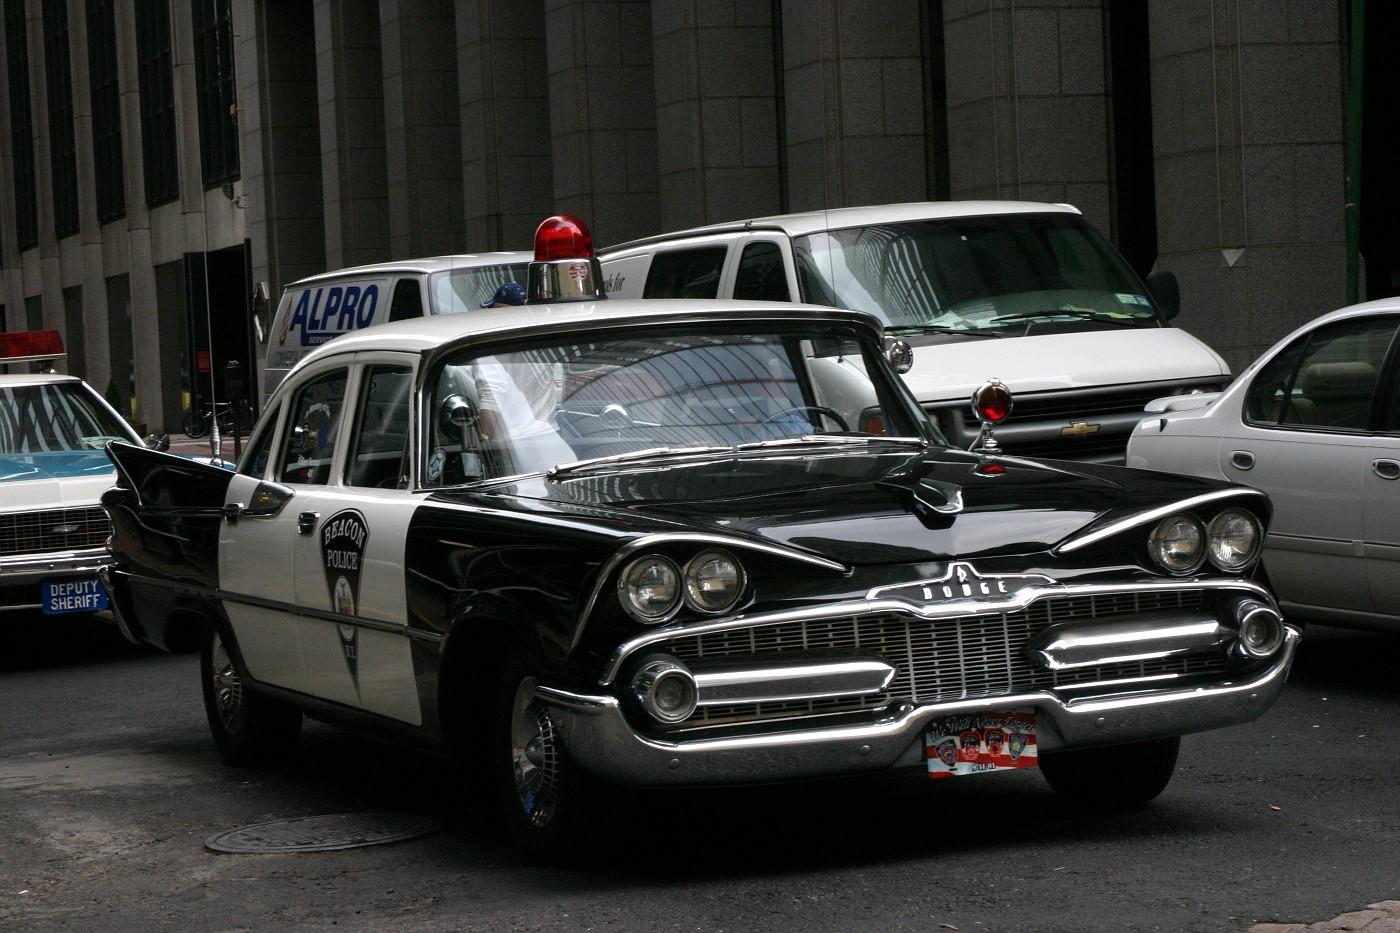 NY - Beacon Police